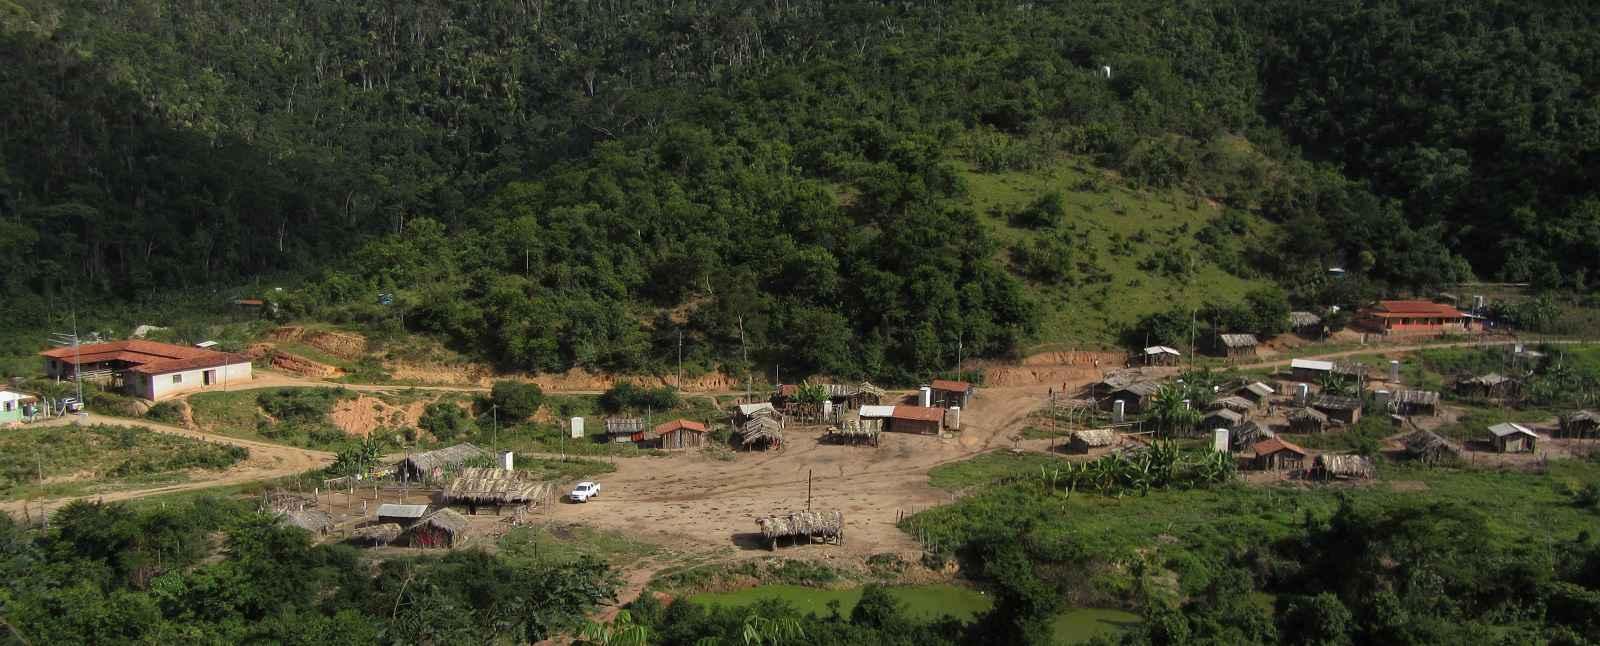 Alçdeia maxakali em Minas Gerais: